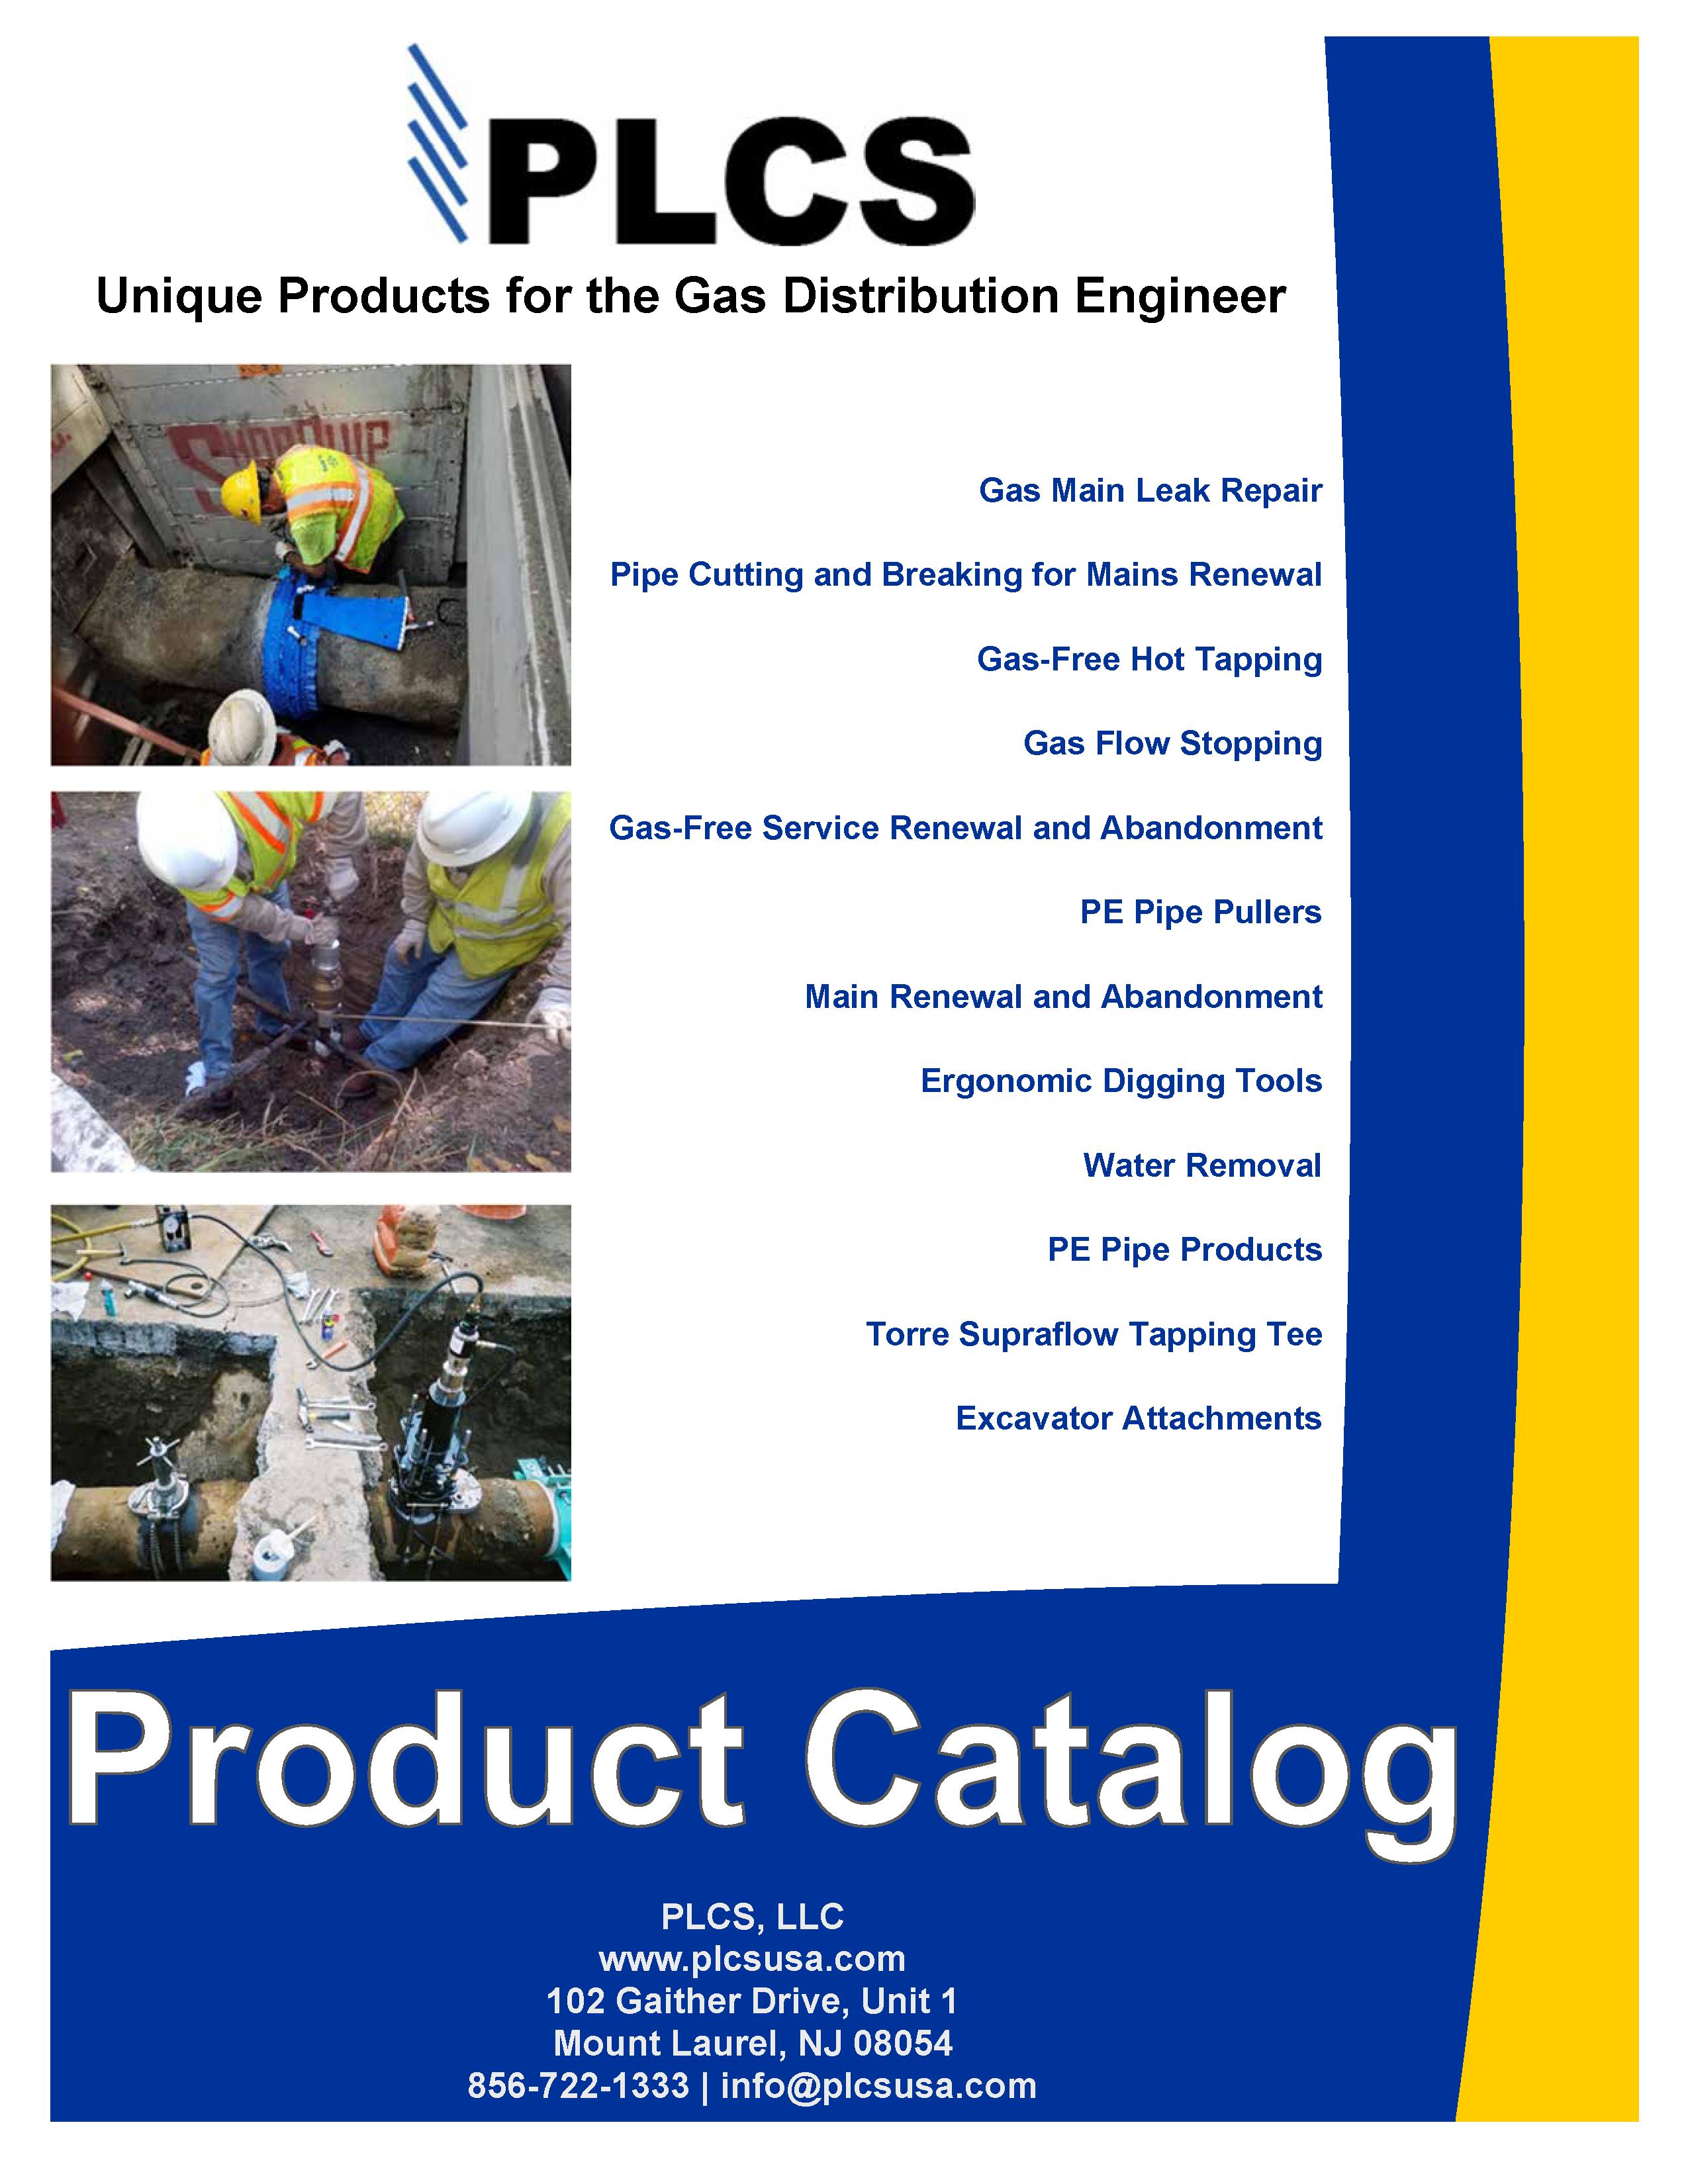 plcs-product-catalog.png